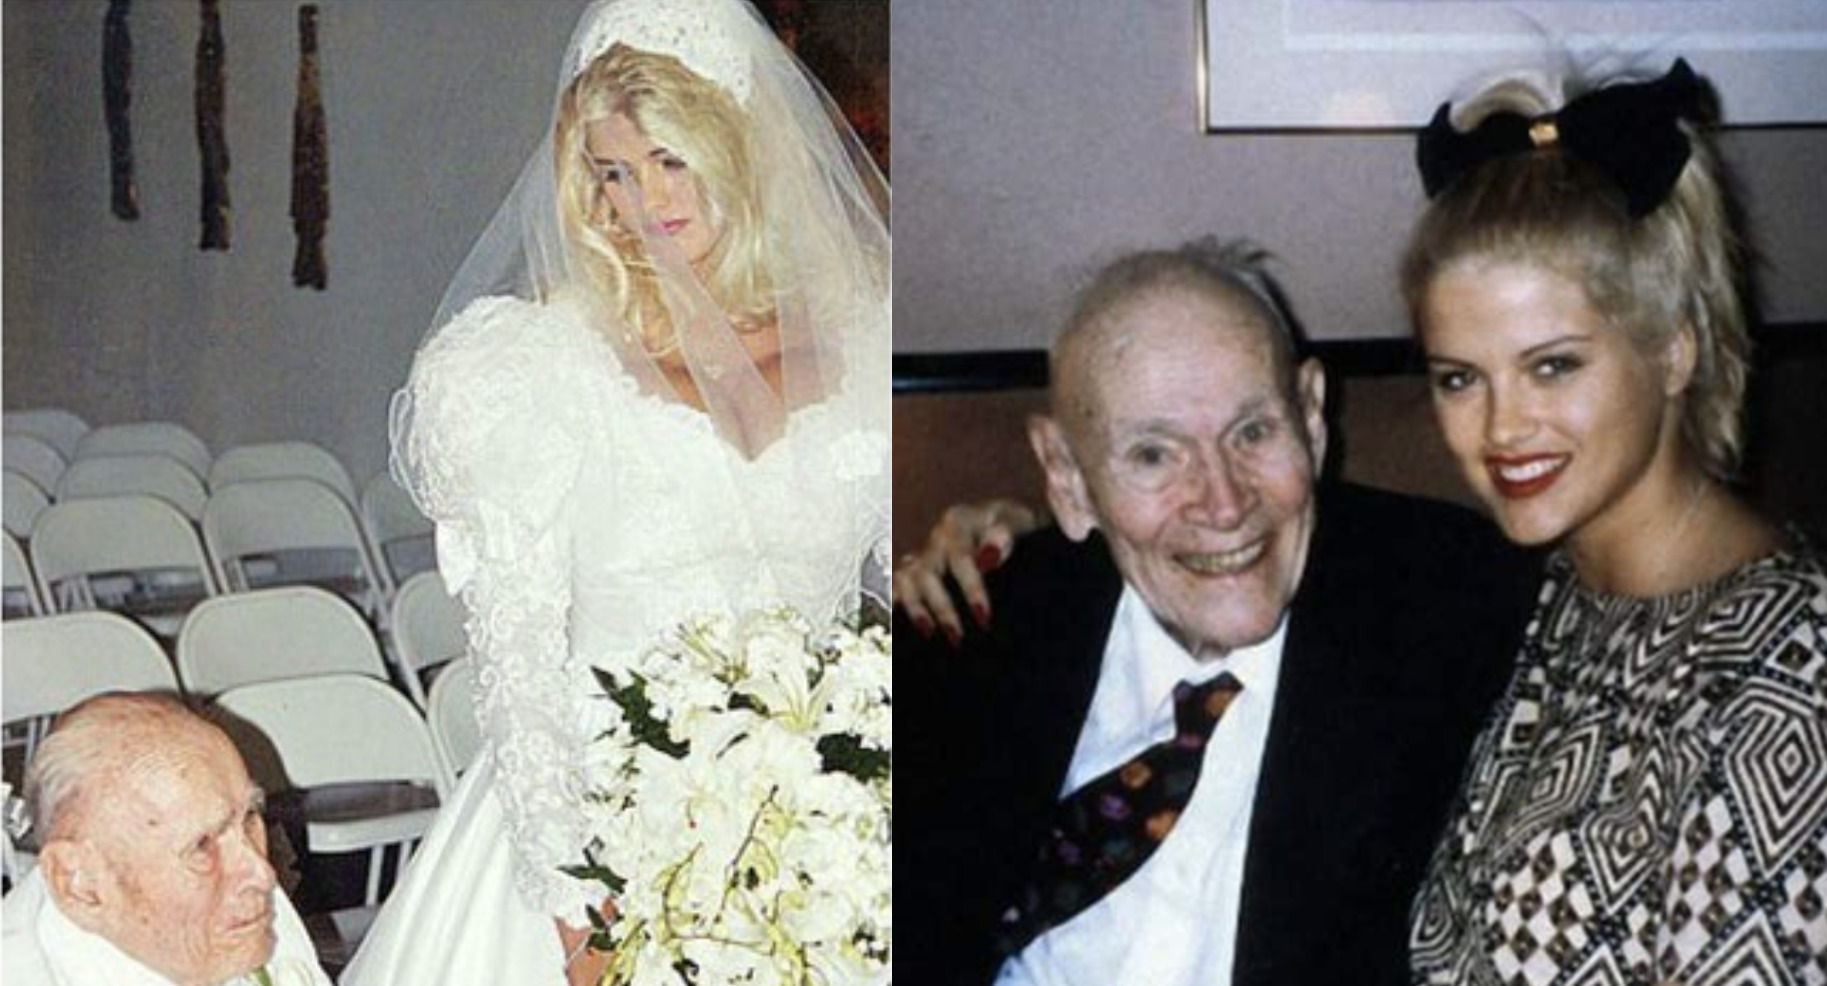 Пам'ятаєте як 89-річний старий-мільярдер і 27-річна красуня одружилися? Тепер п0дивіться як склалося життя цього подружжя …